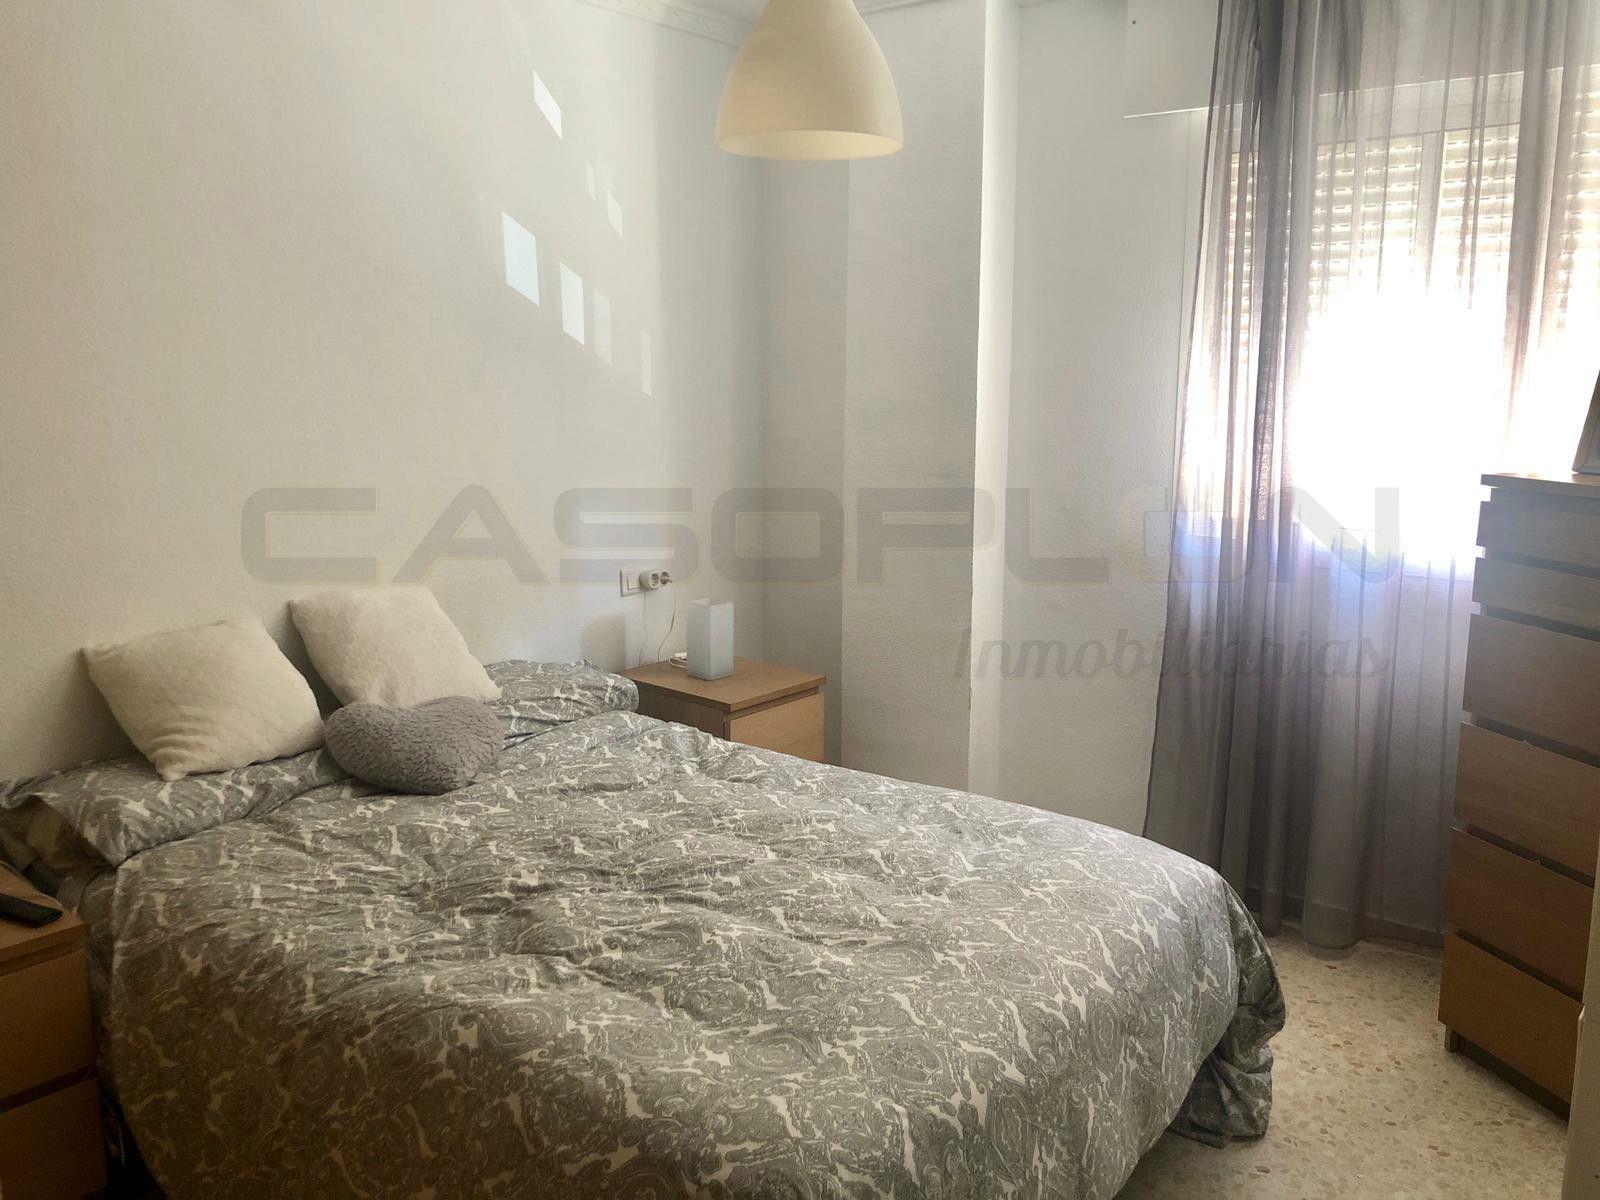 Piso en Algeciras, CORTIJO DE VIDES, alquiler